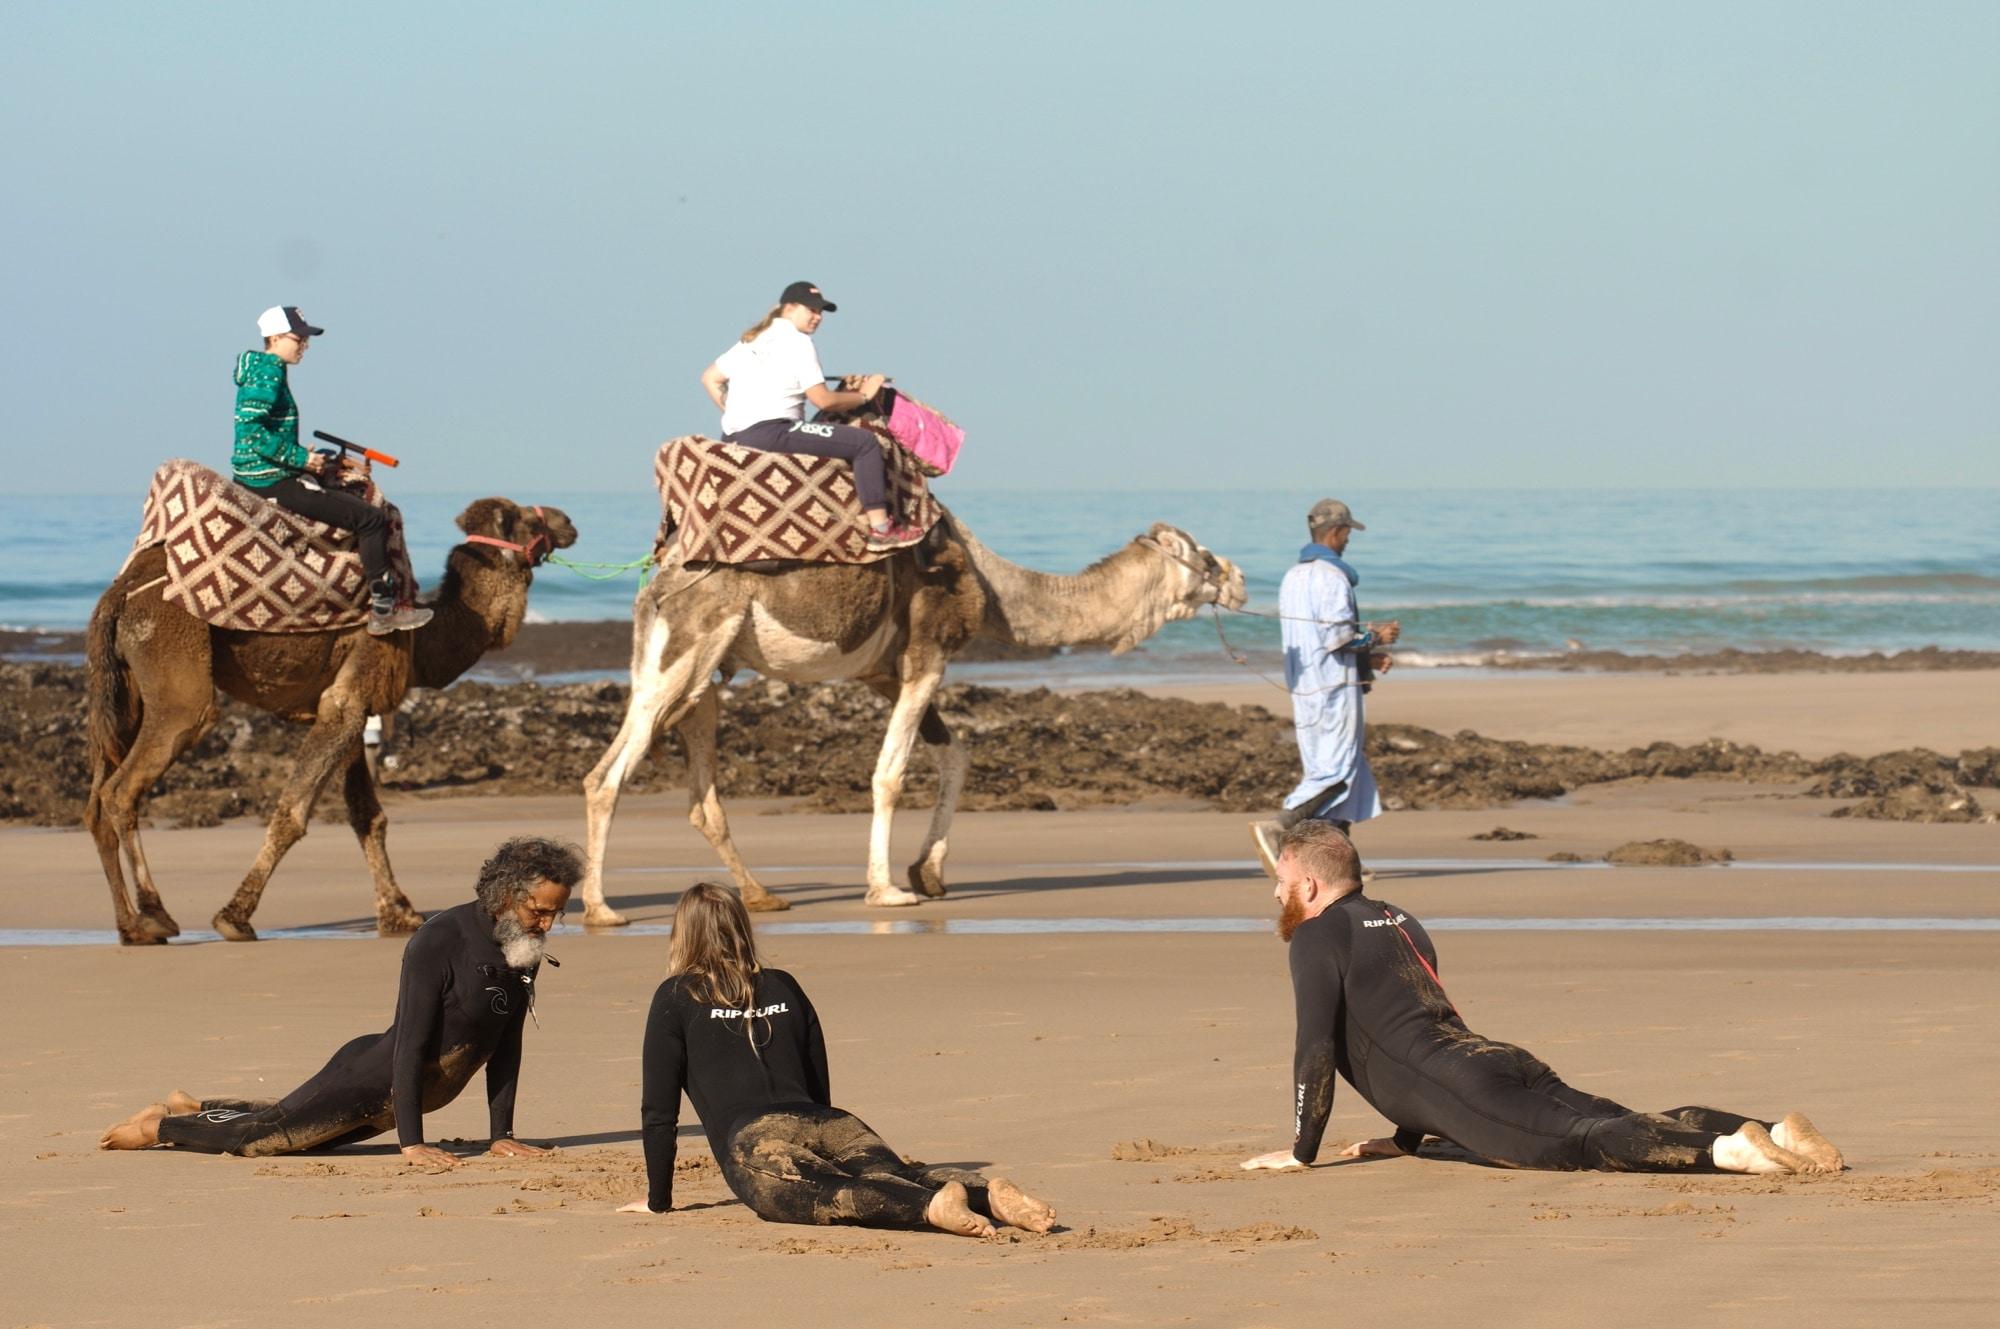 cours surf maroc étirement